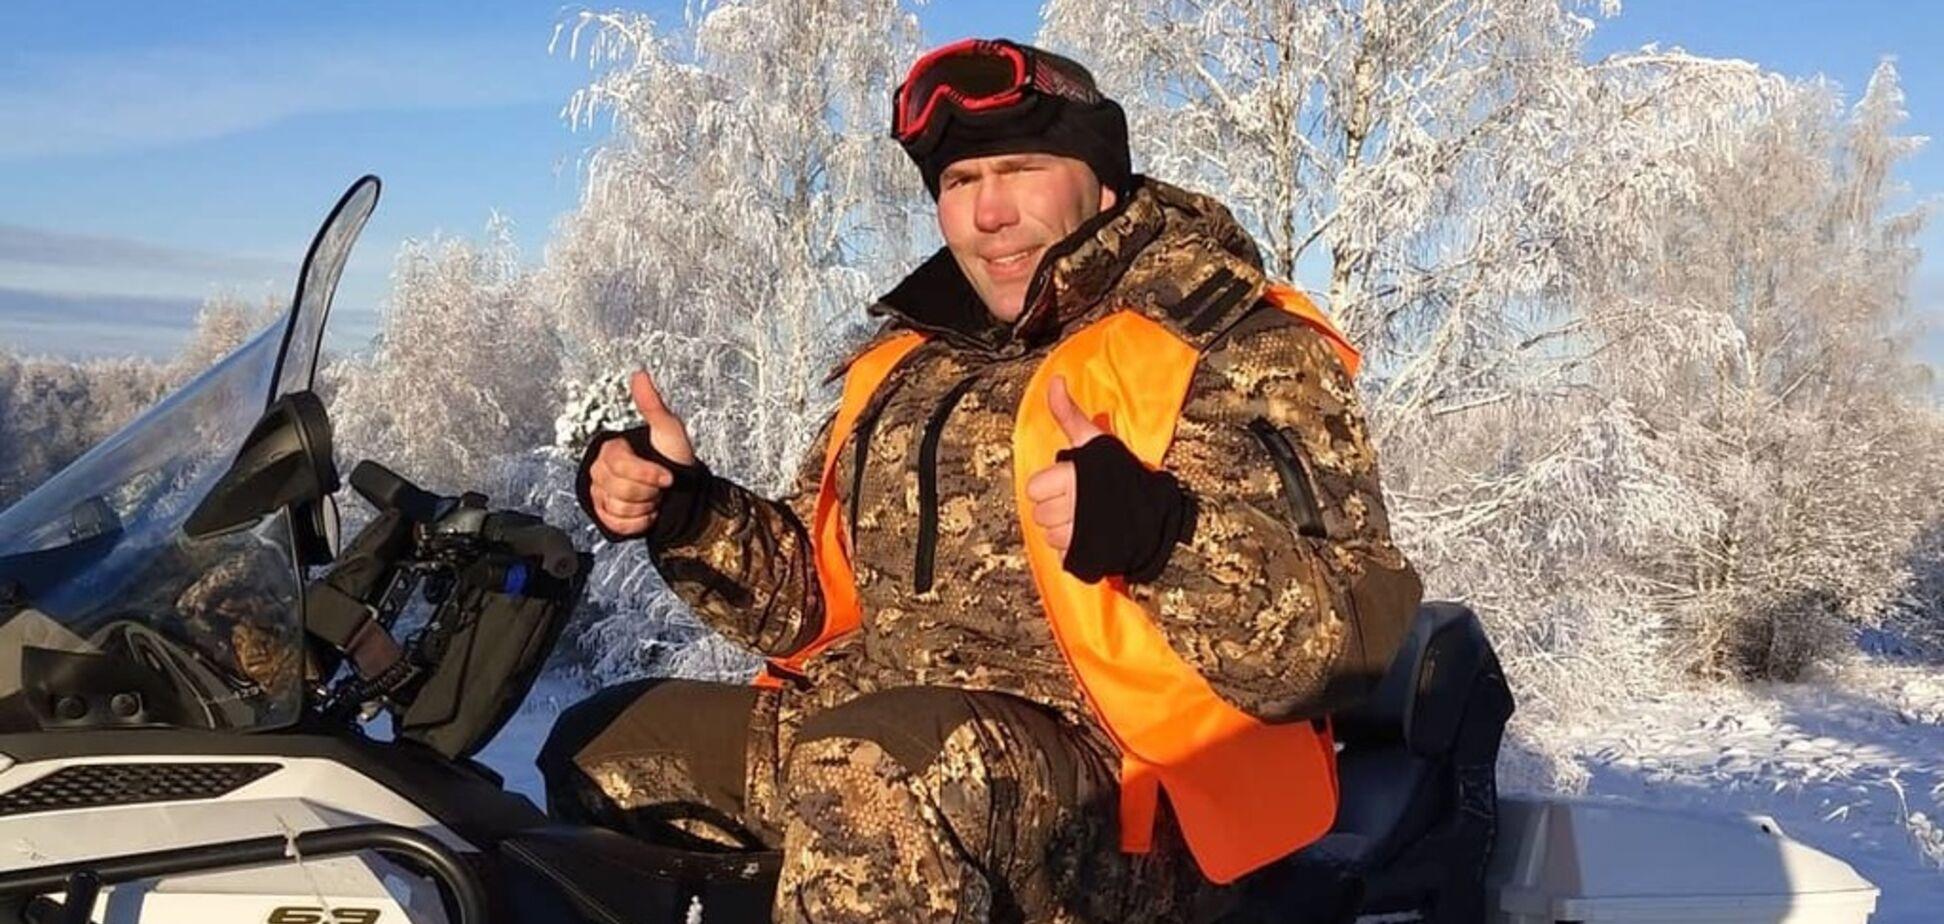 Николай Валуев. Источник: instagram.com/nickvaluev